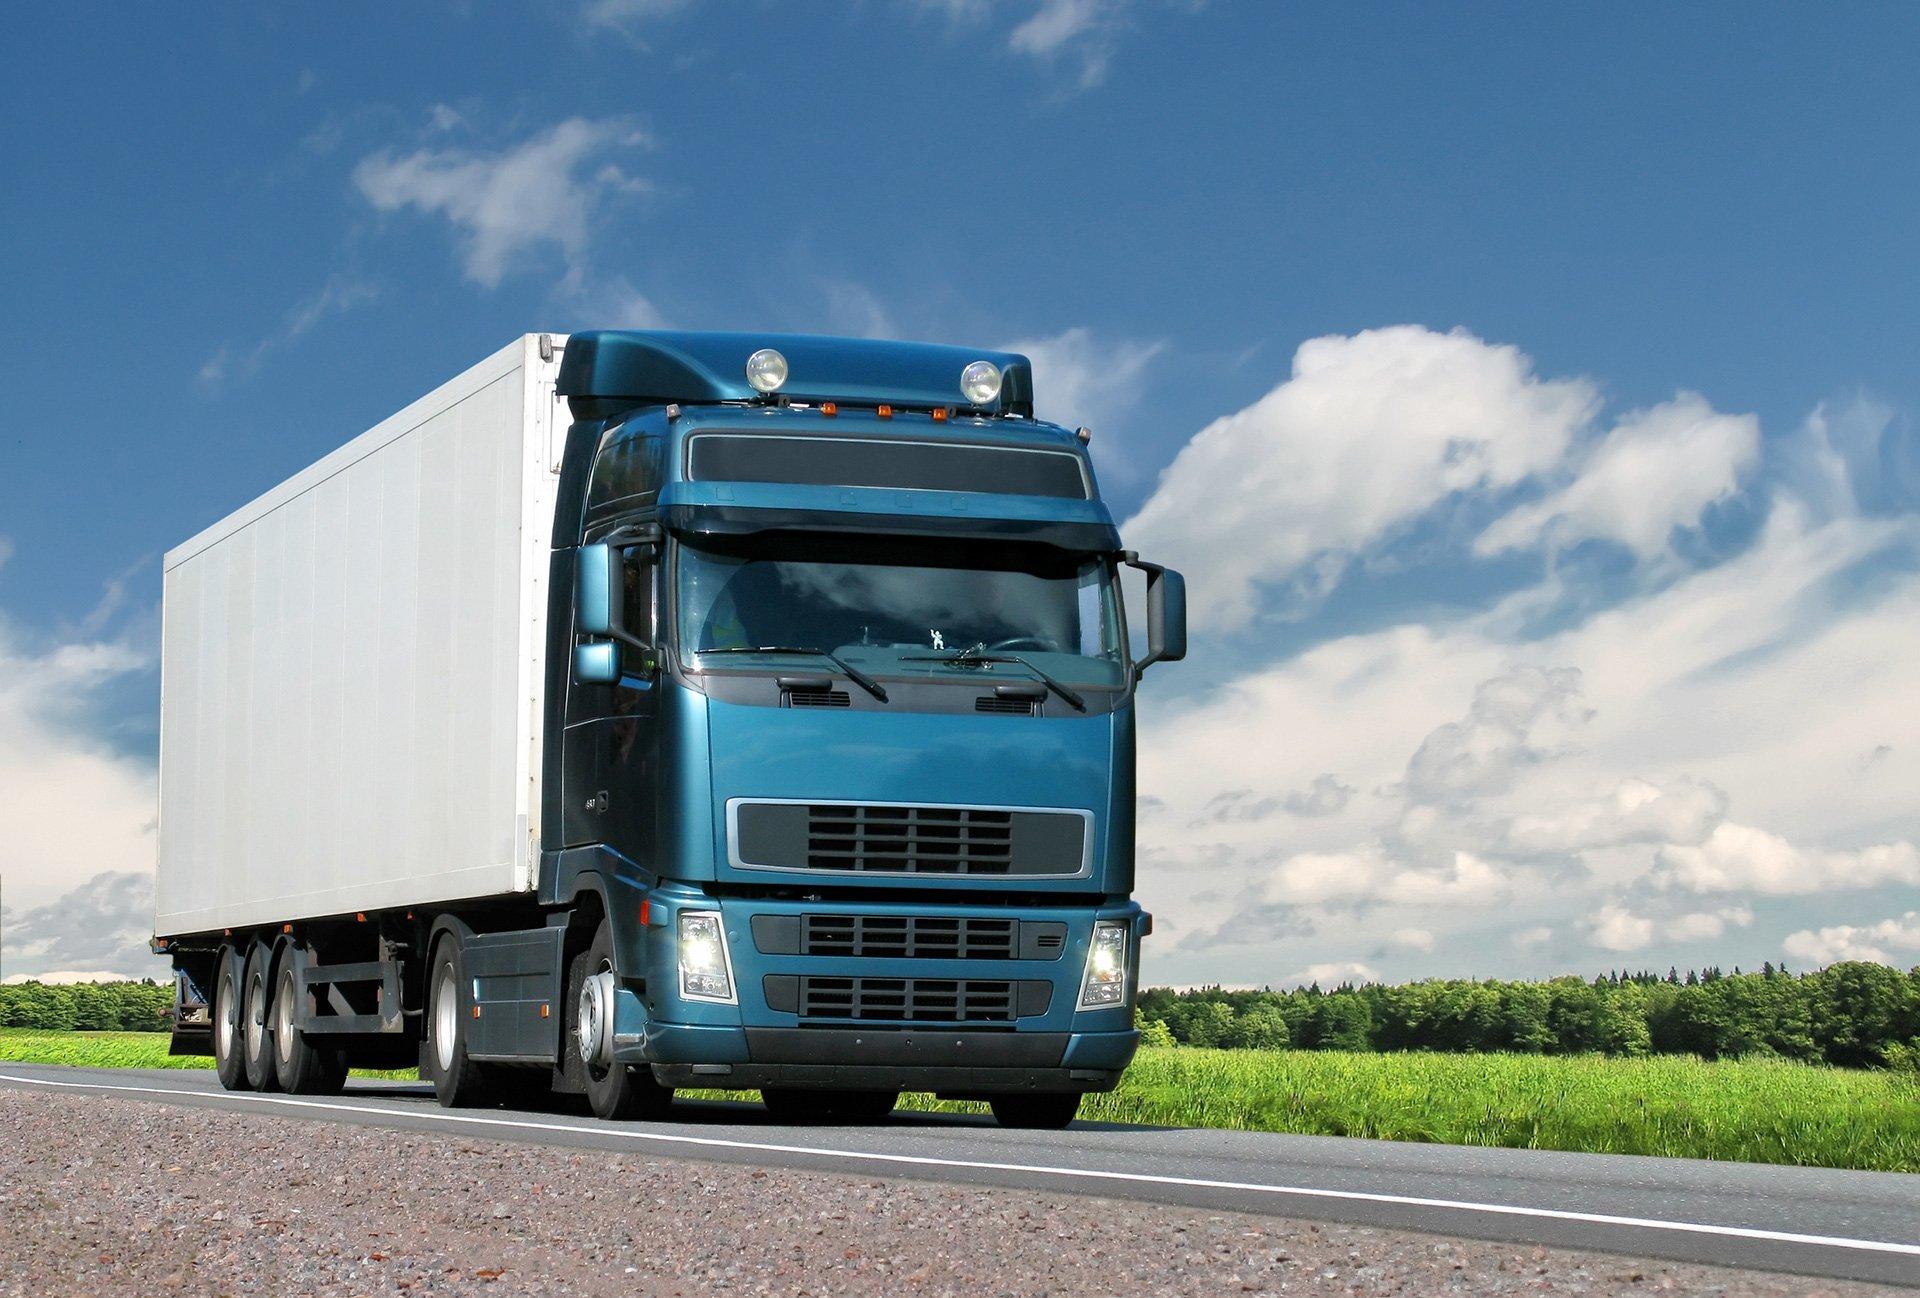 camion di autotrasporti